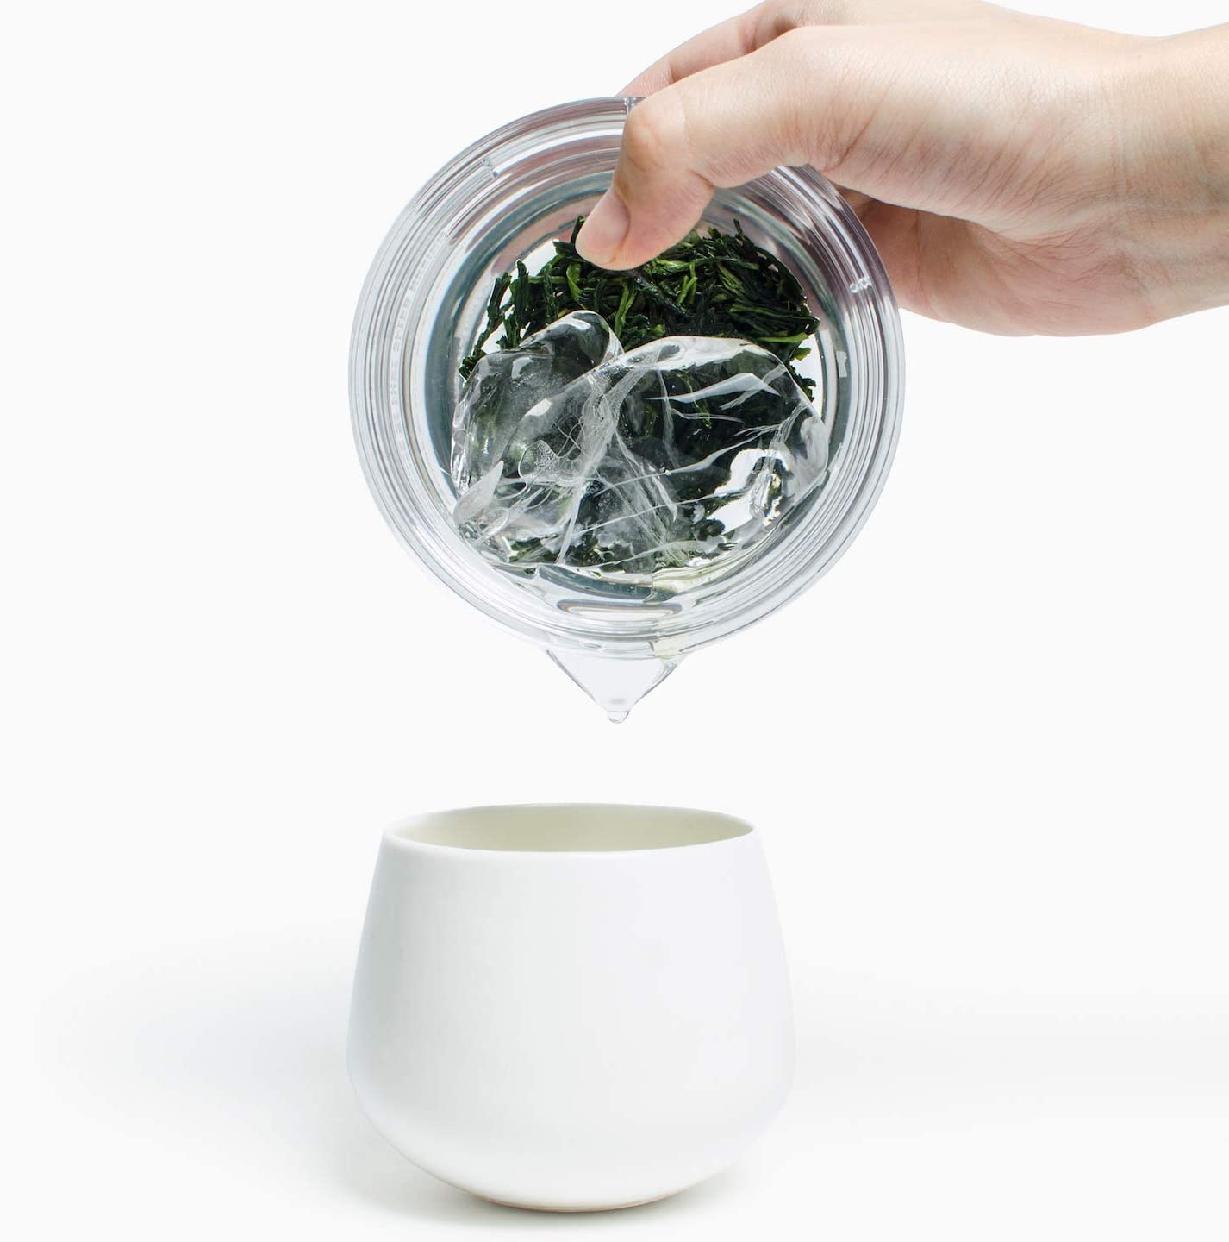 煎茶堂東京 割れない 透明急須 クリアの商品画像8